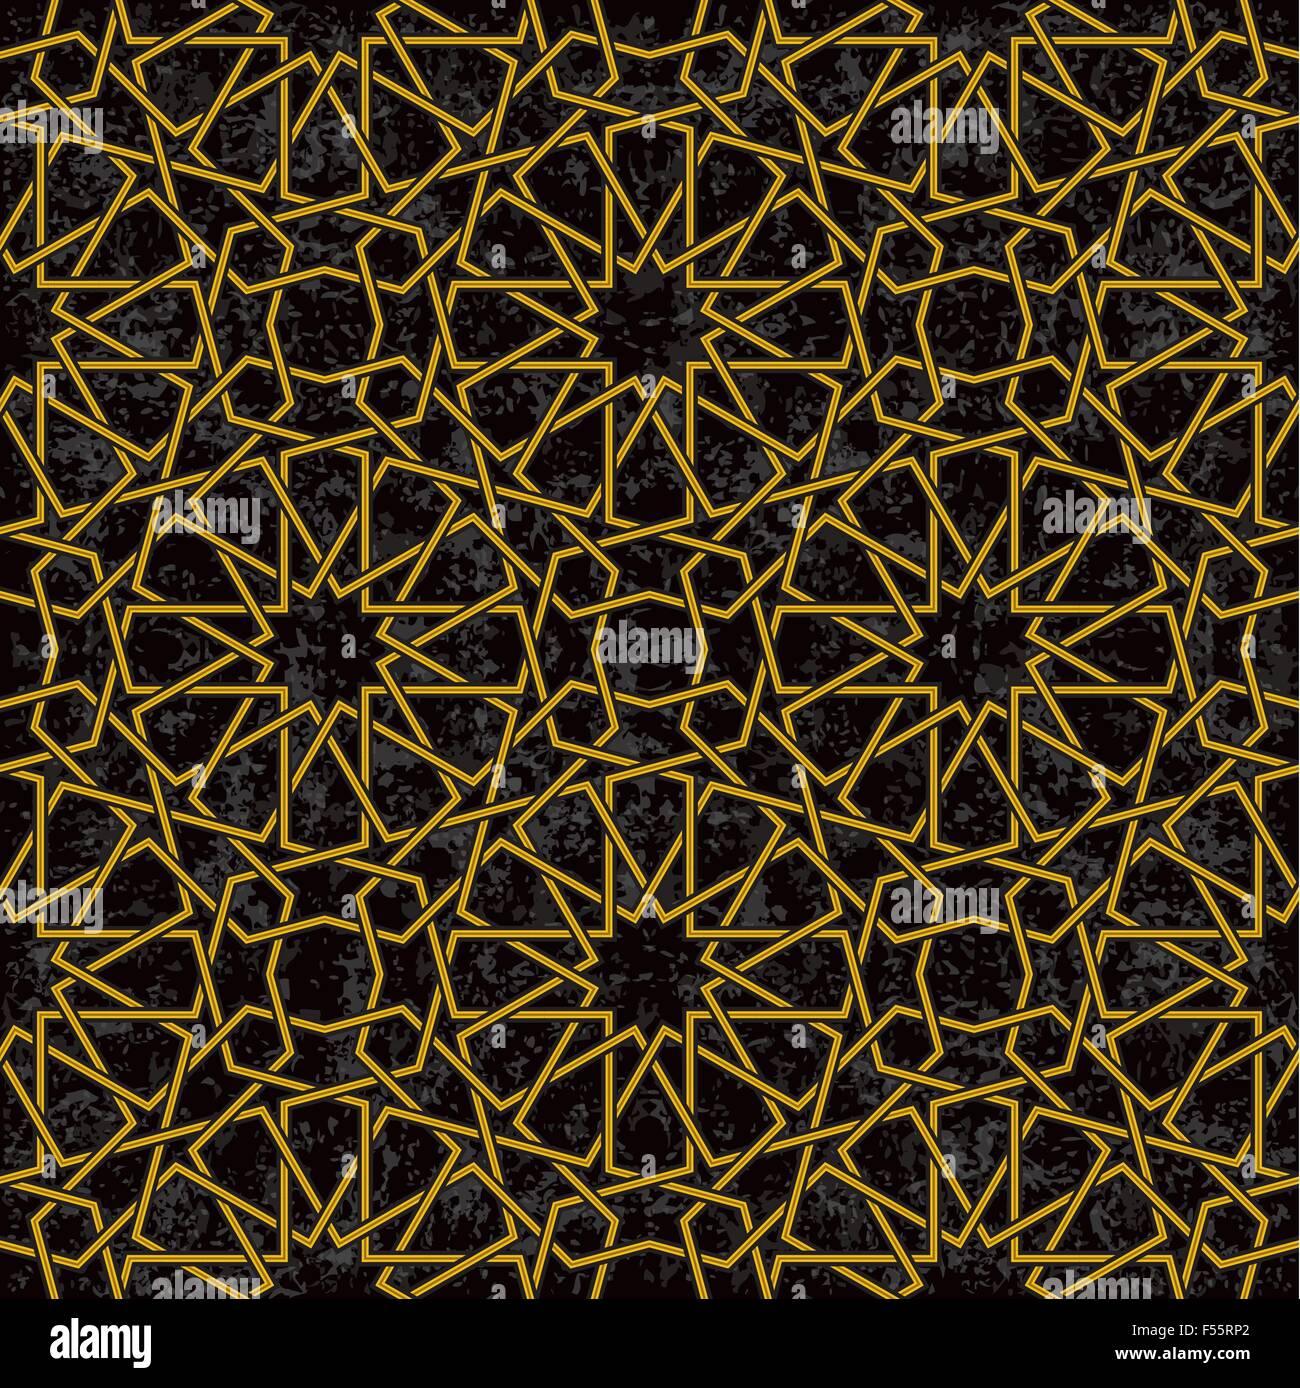 Arabic design background